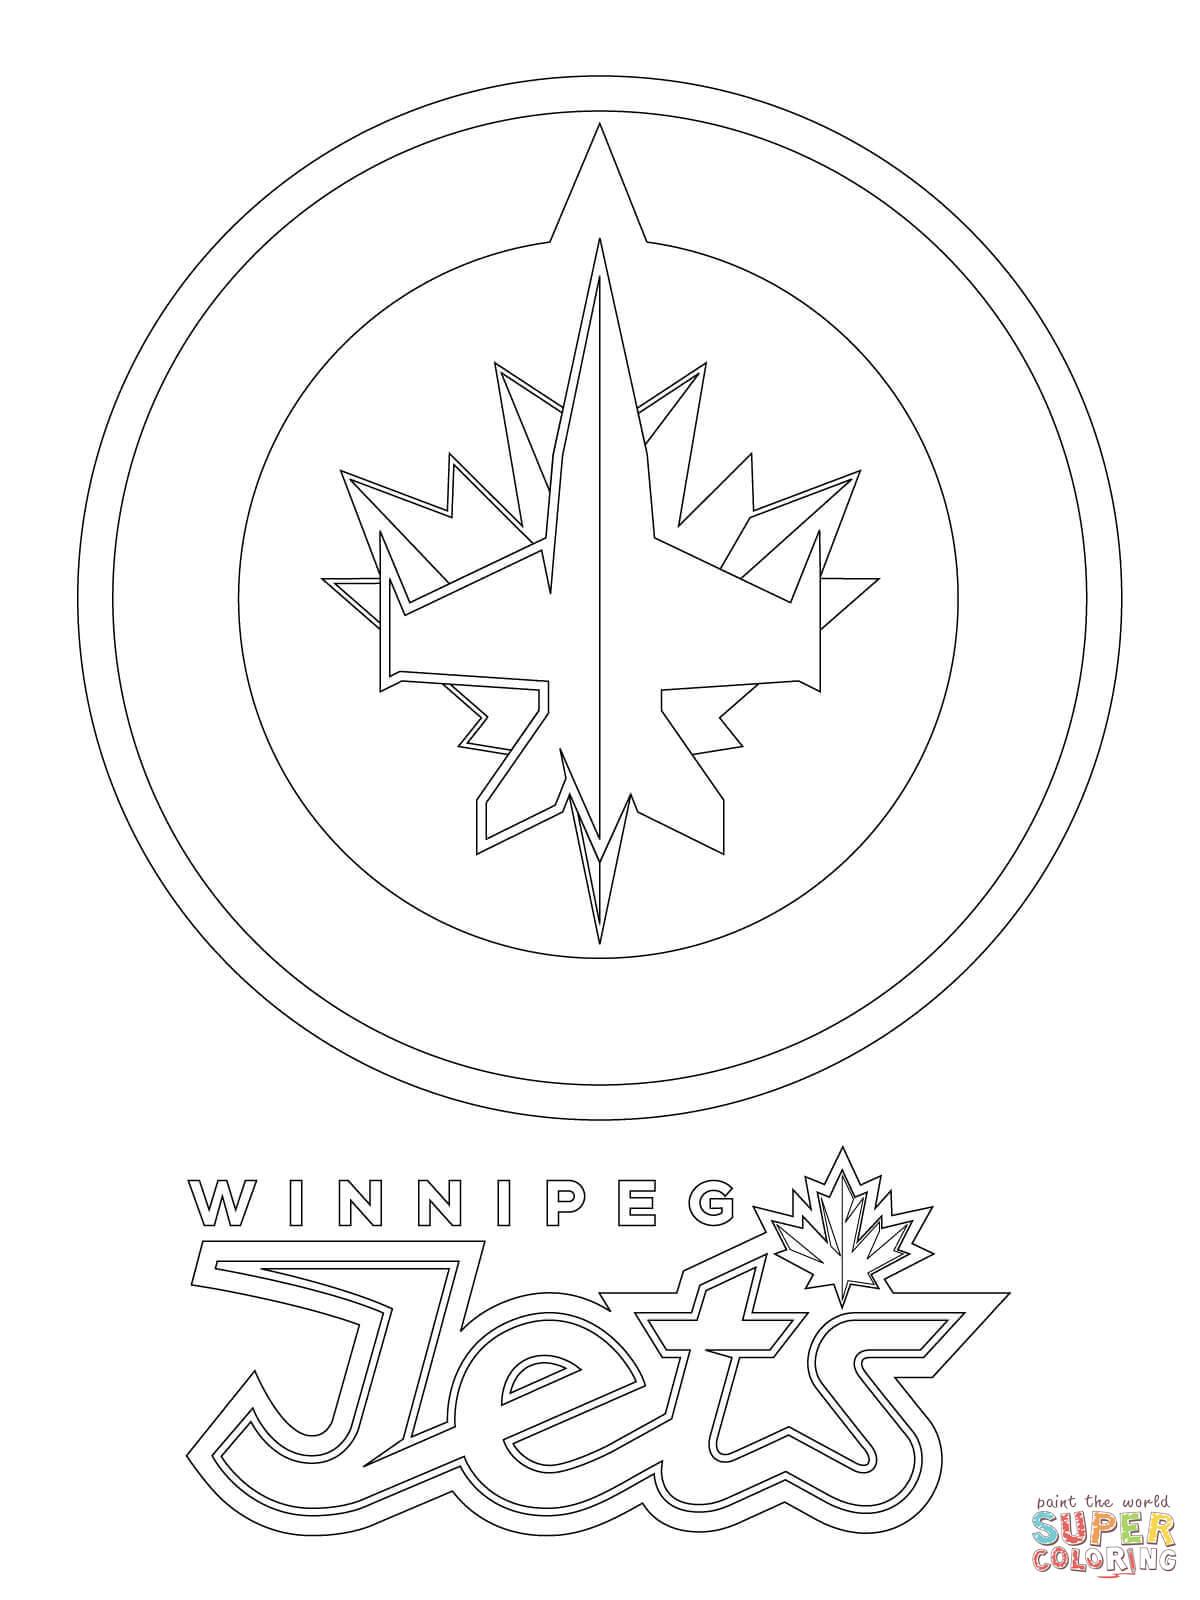 Winnipeg Jets-logo värityskuva